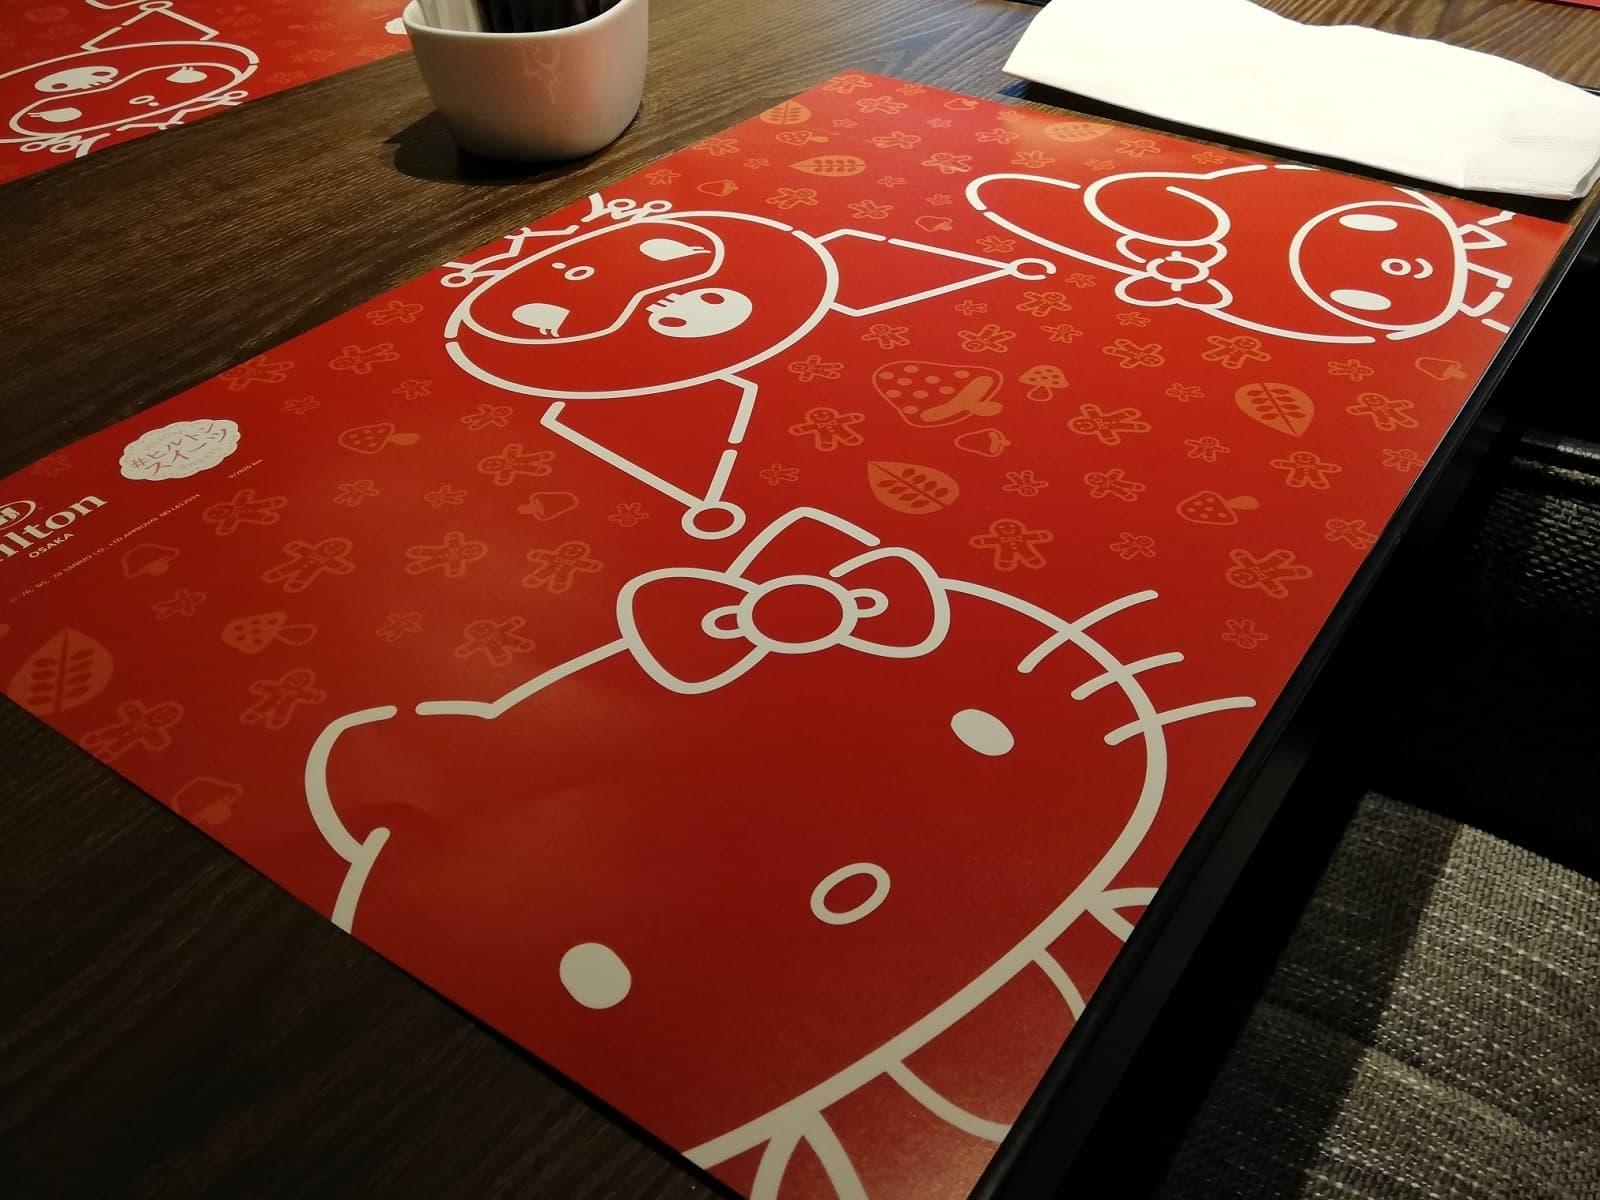 各テーブルにあるキティとマイメロとクロミのランチョンマット